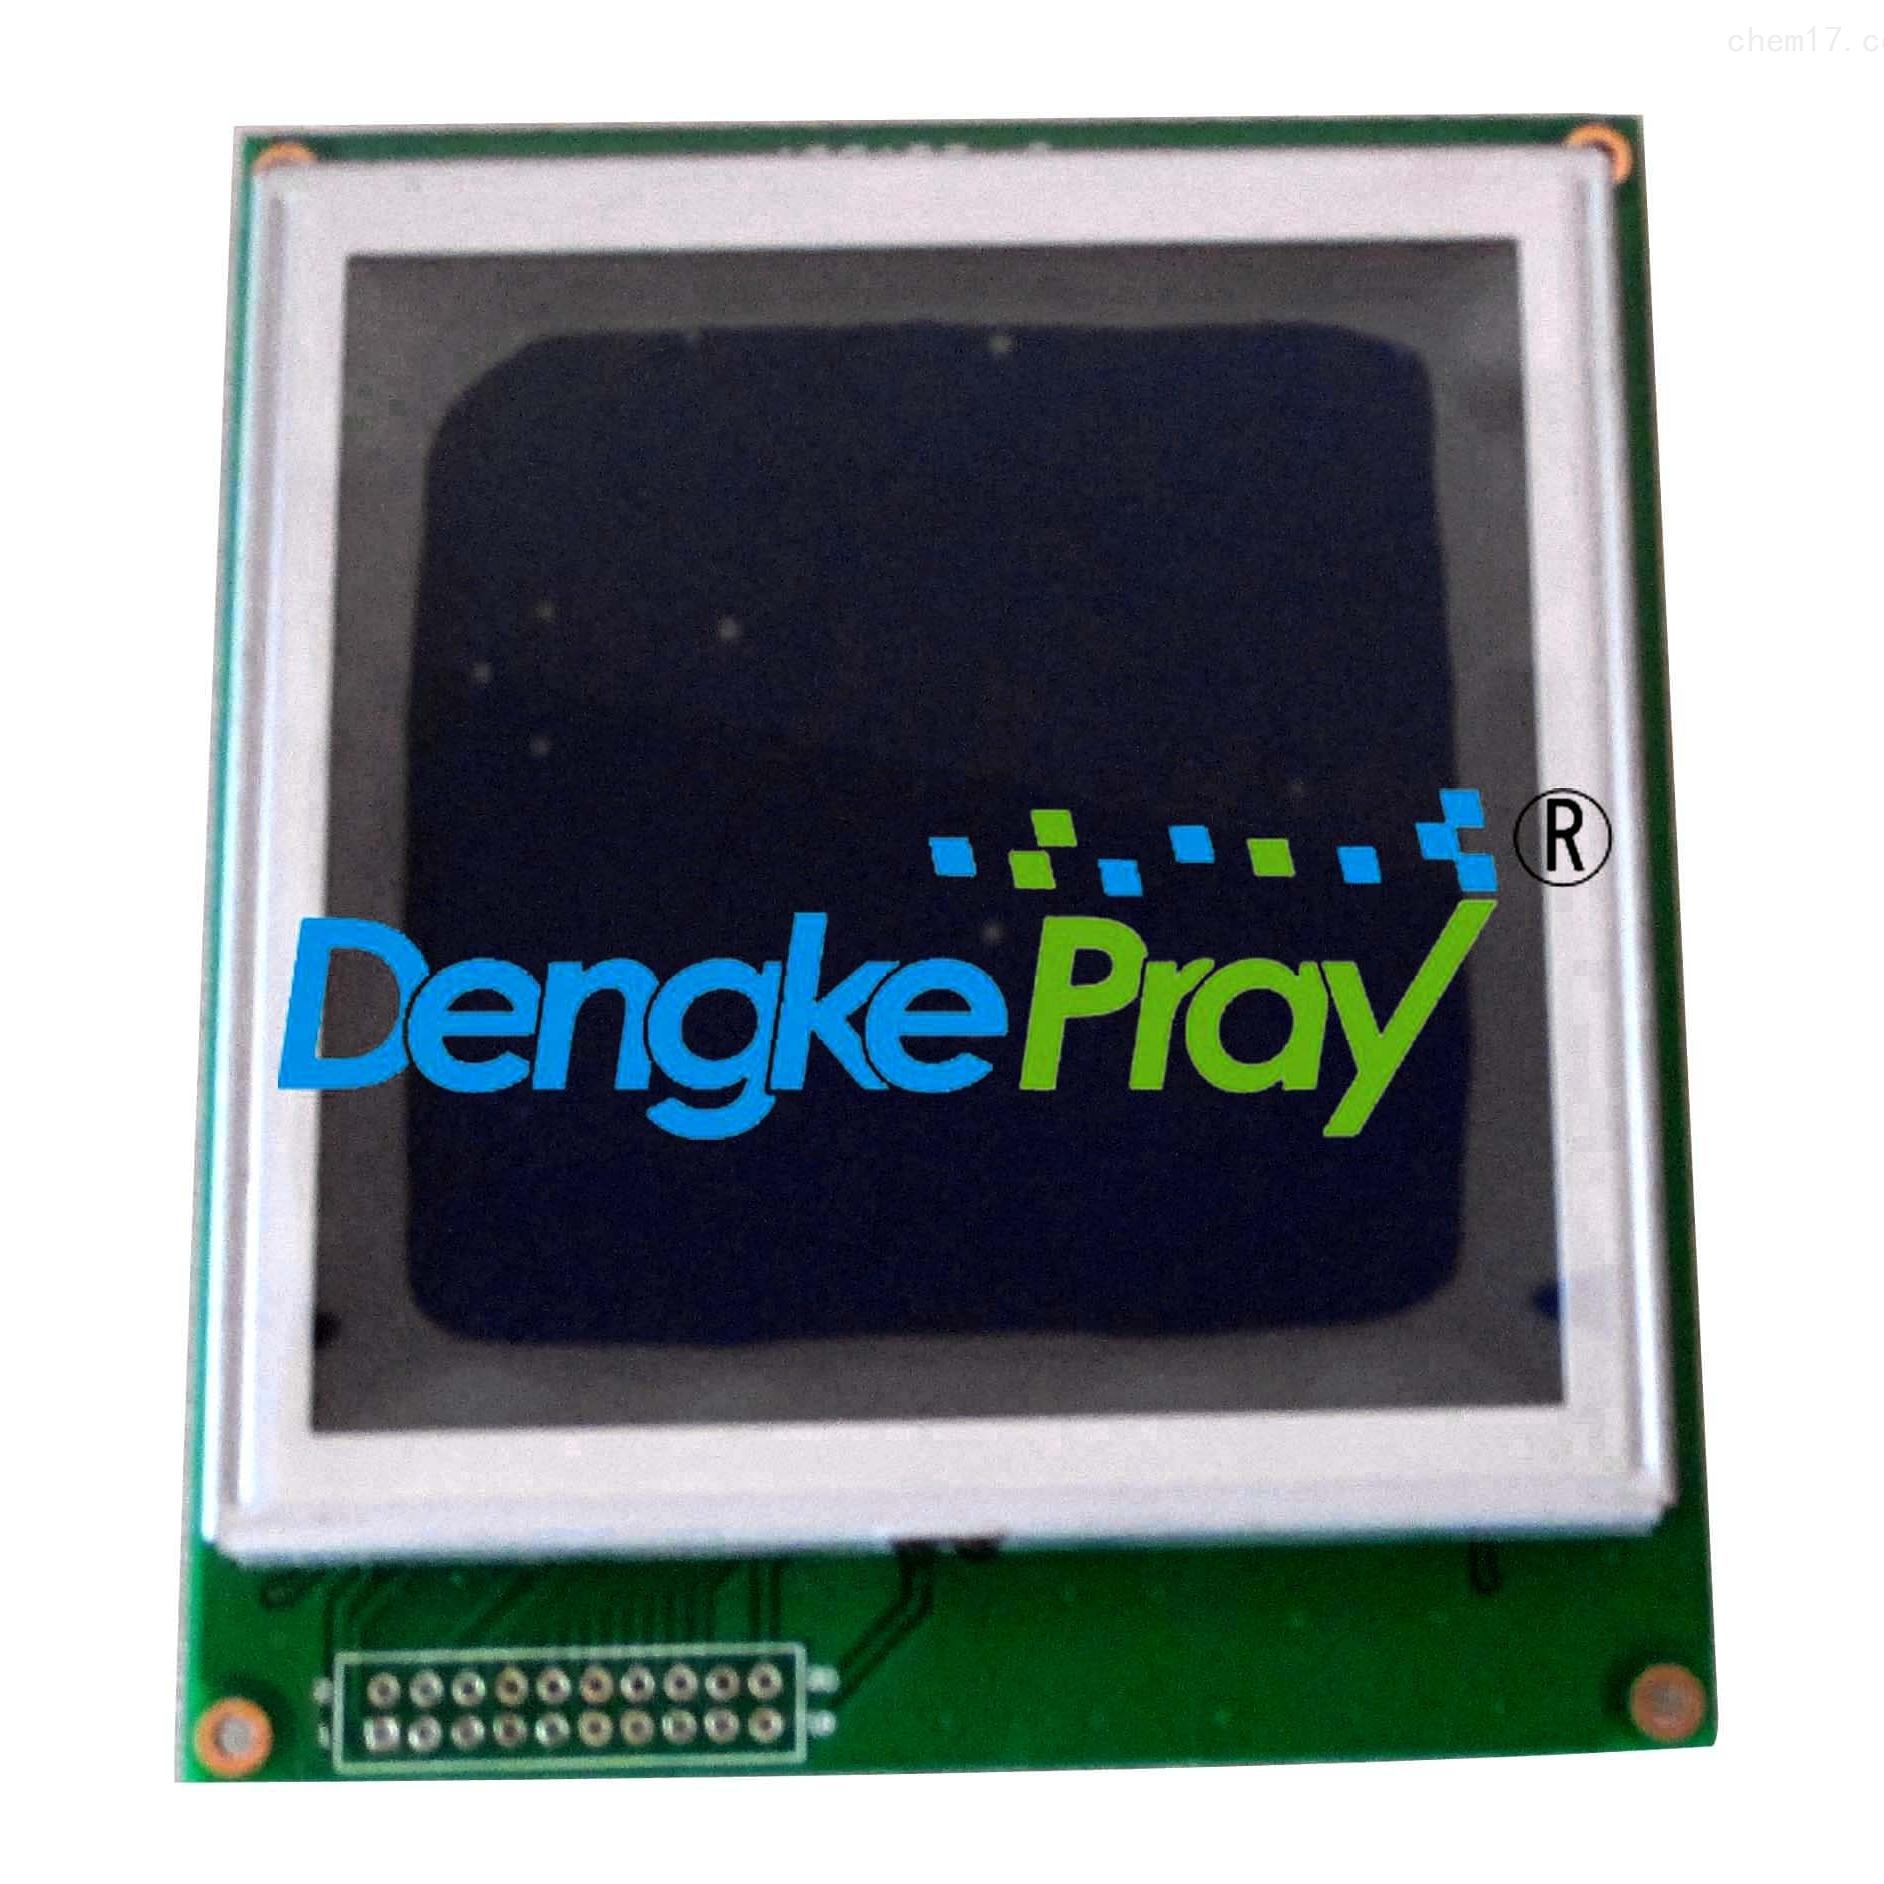 DK5800型 硅表/ 钠表 / 磷表显示屏